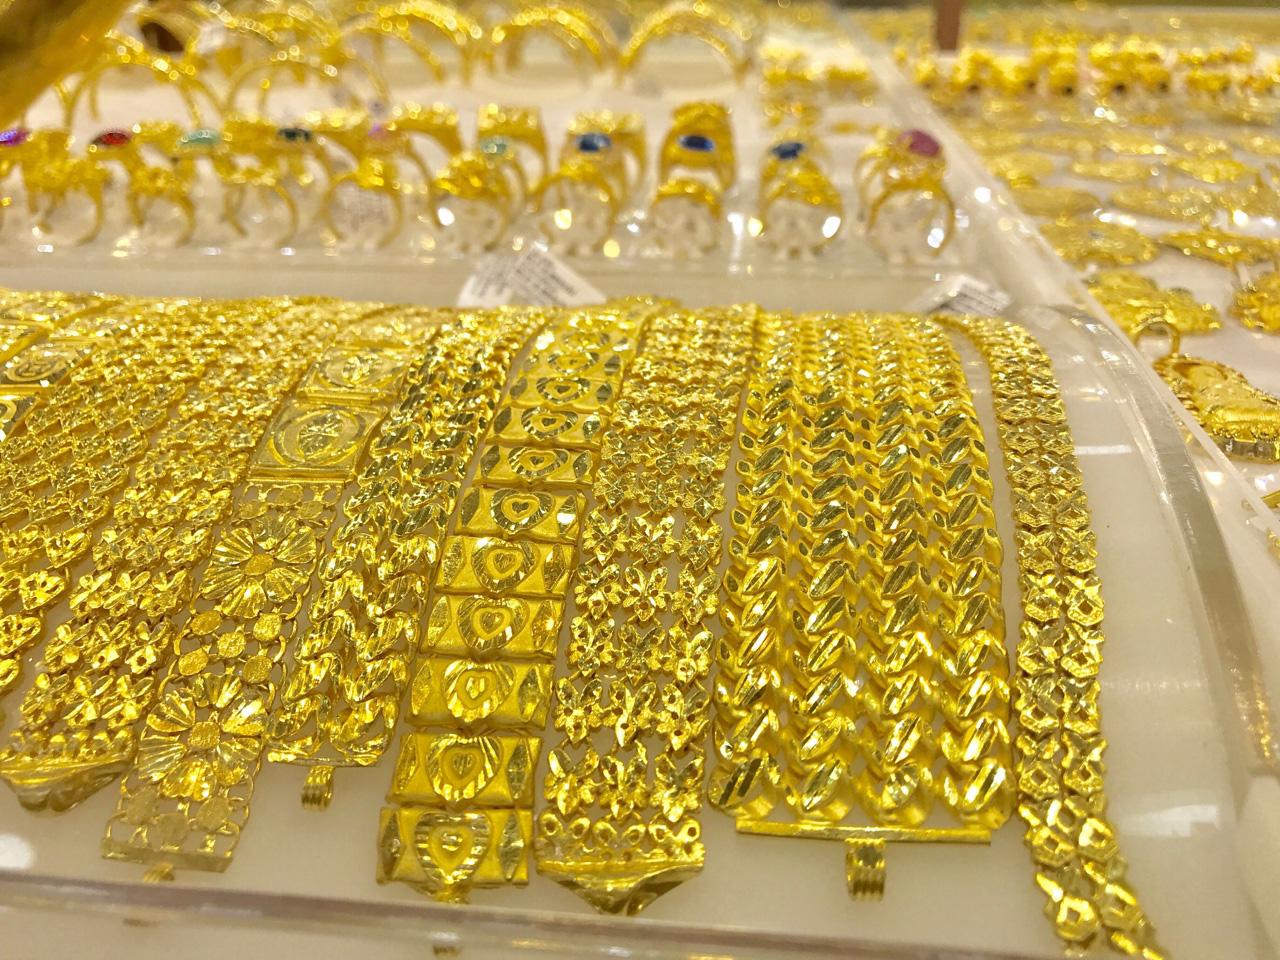 Giá vàng chính thức vượt kỉ lục 46 triệu đồng, người mua lời hơn 3 triệu đồng/lượng chỉ sau chưa đầy 2 tháng - Ảnh 1.